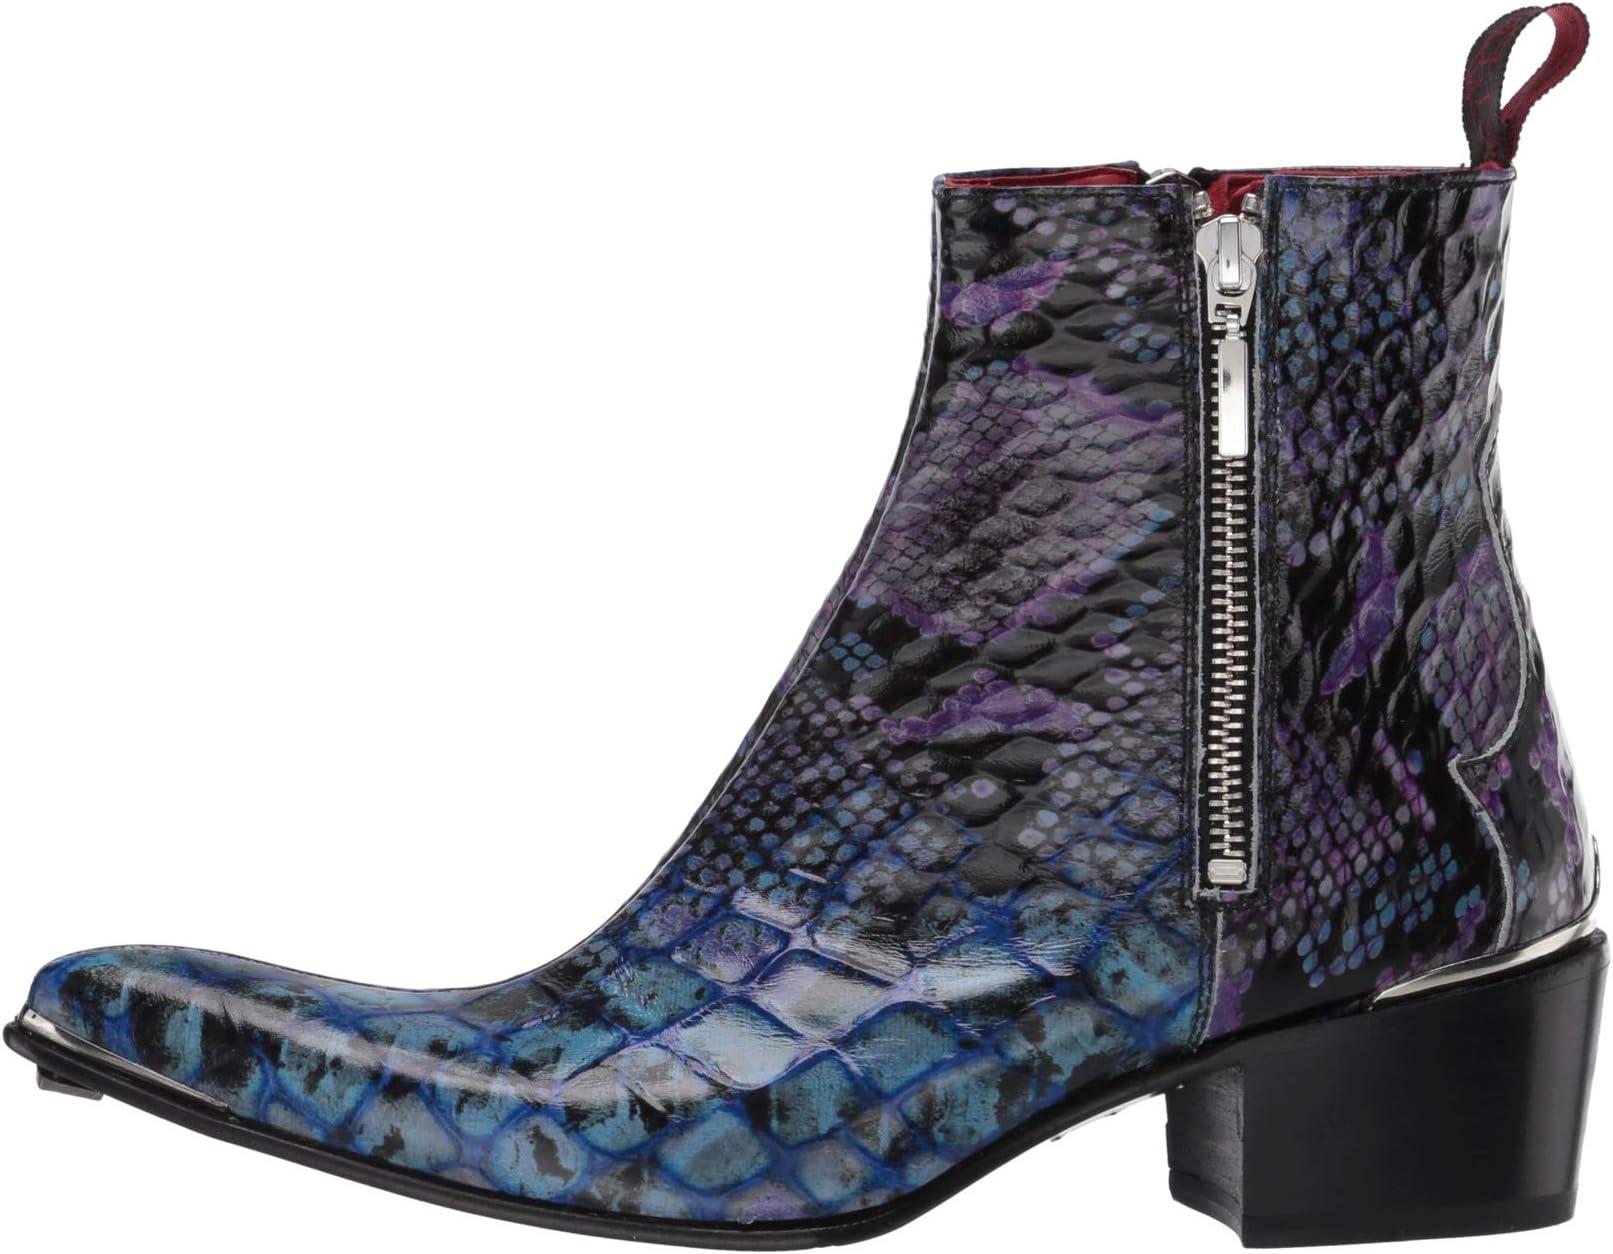 Jeffery-West Double Metal Zip Boot Sylvian | Women's shoes | 2020 Newest